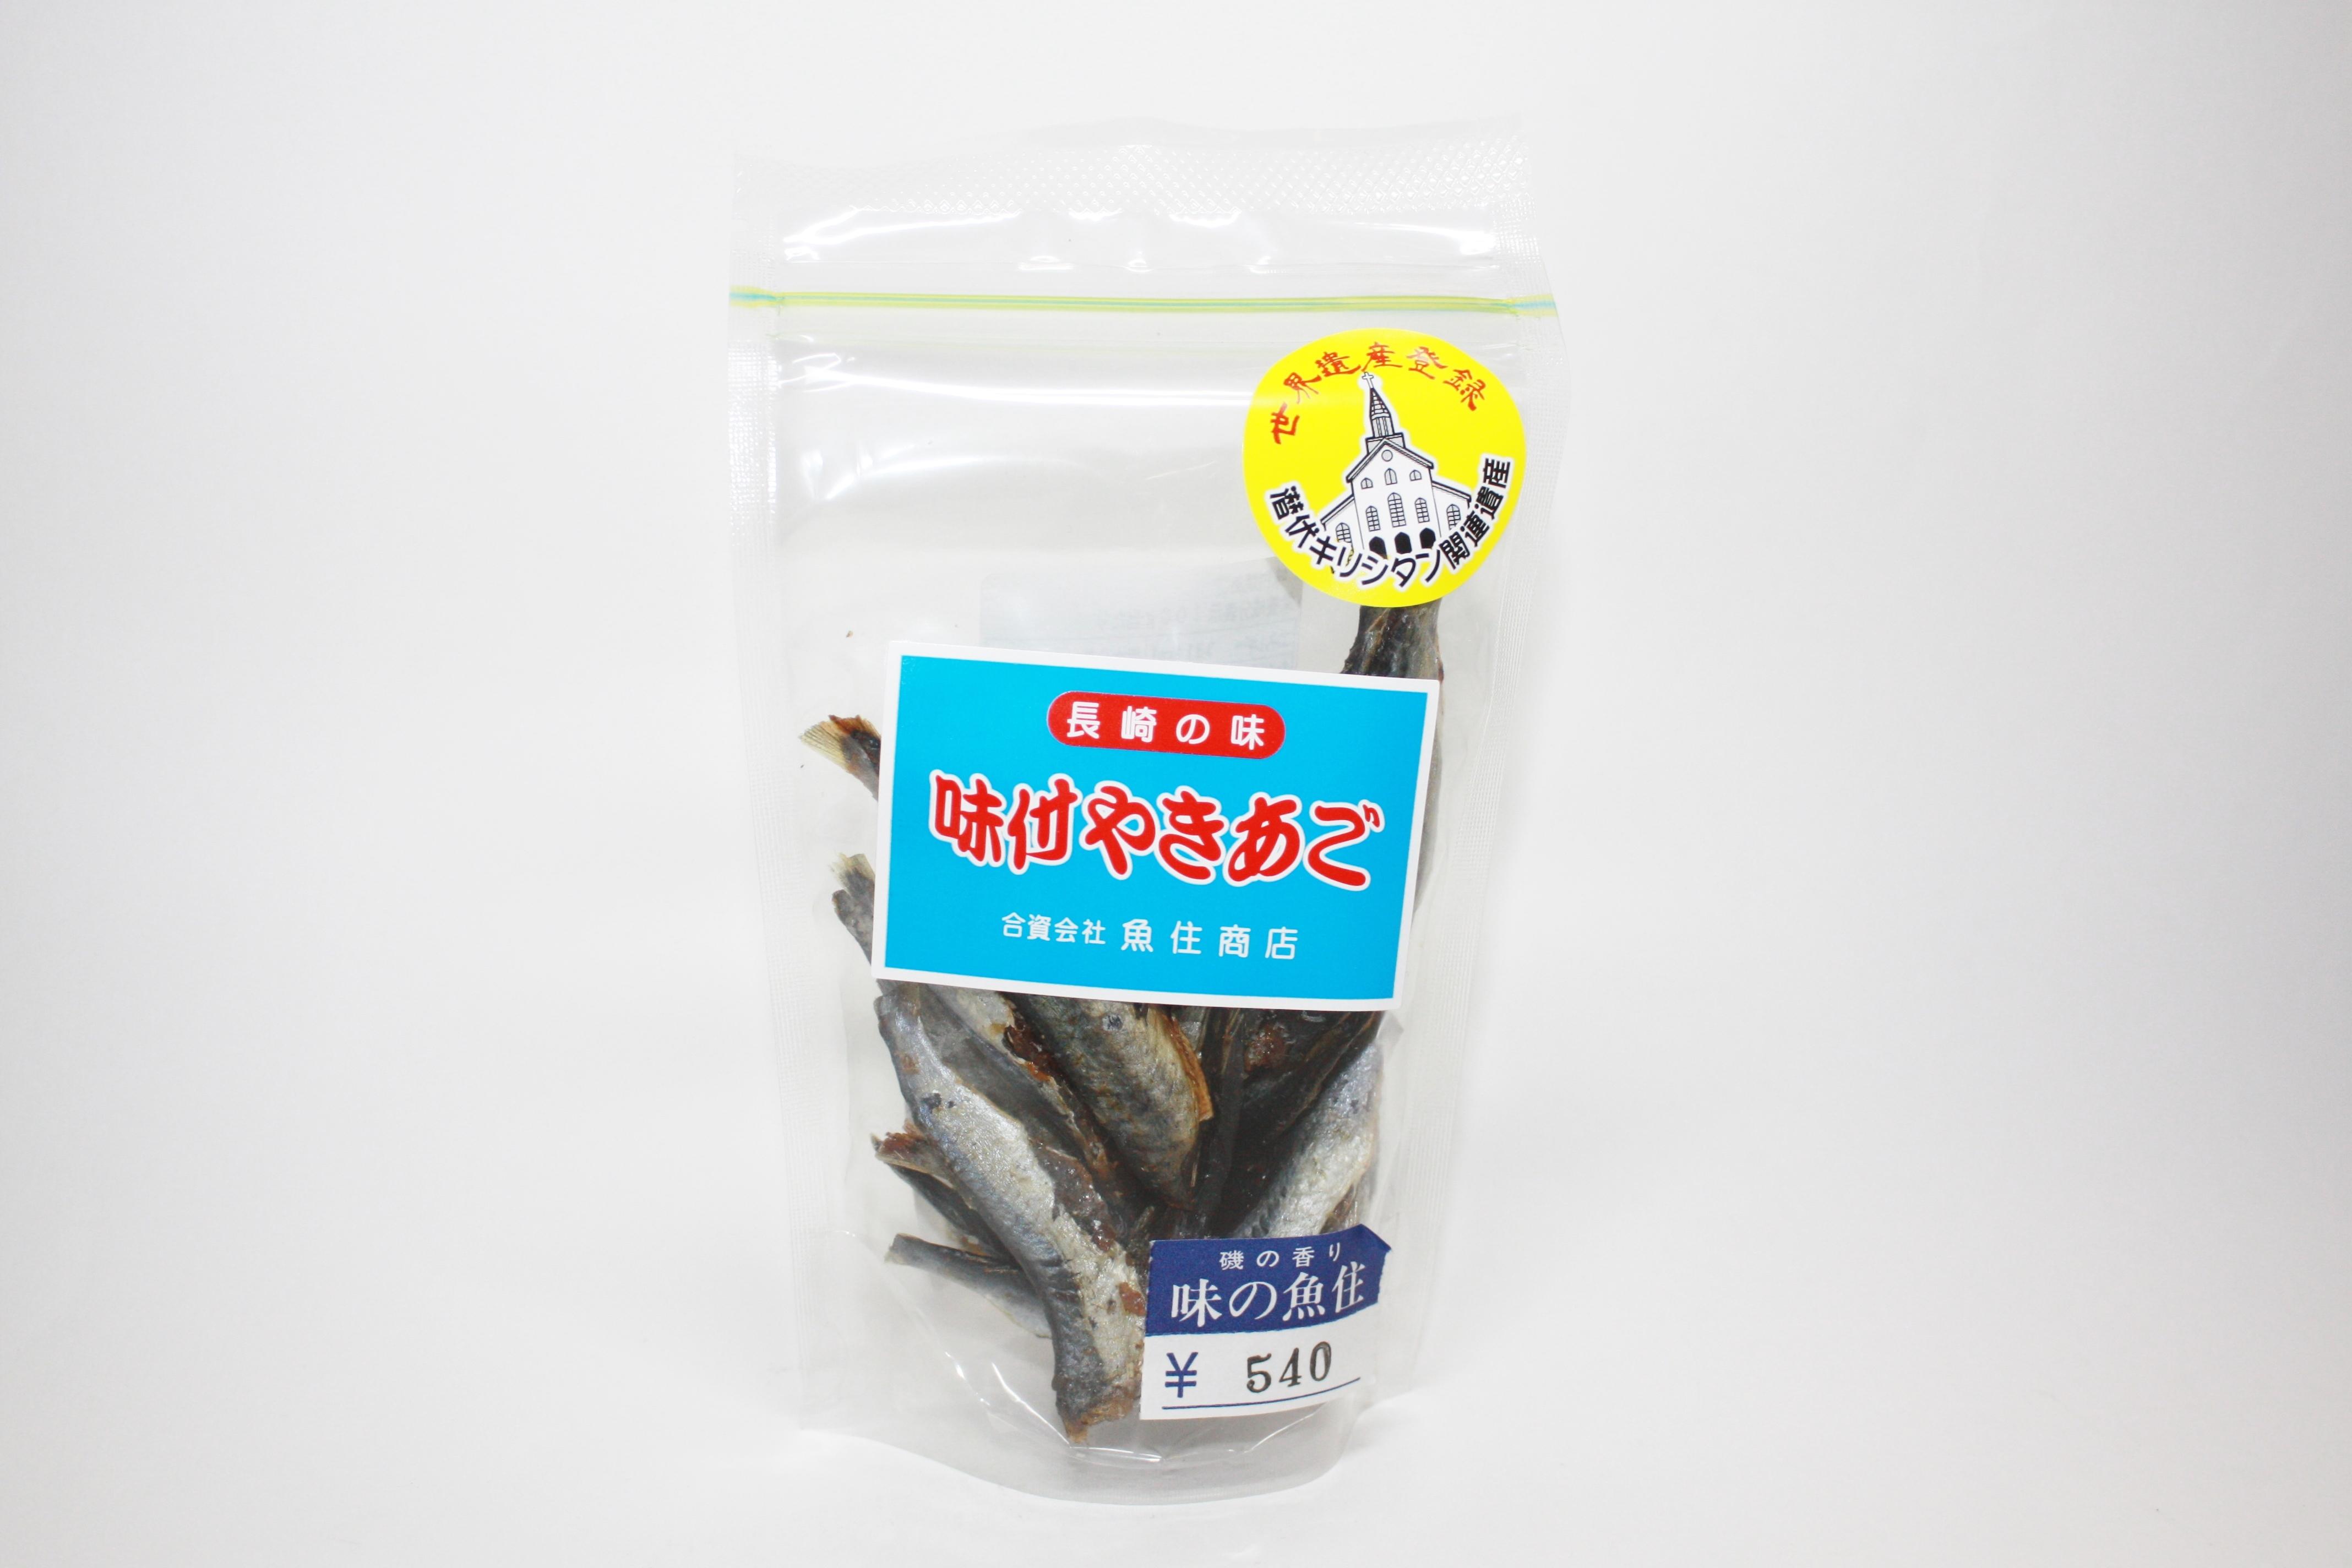 味付き焼きあご 【魚住商店】